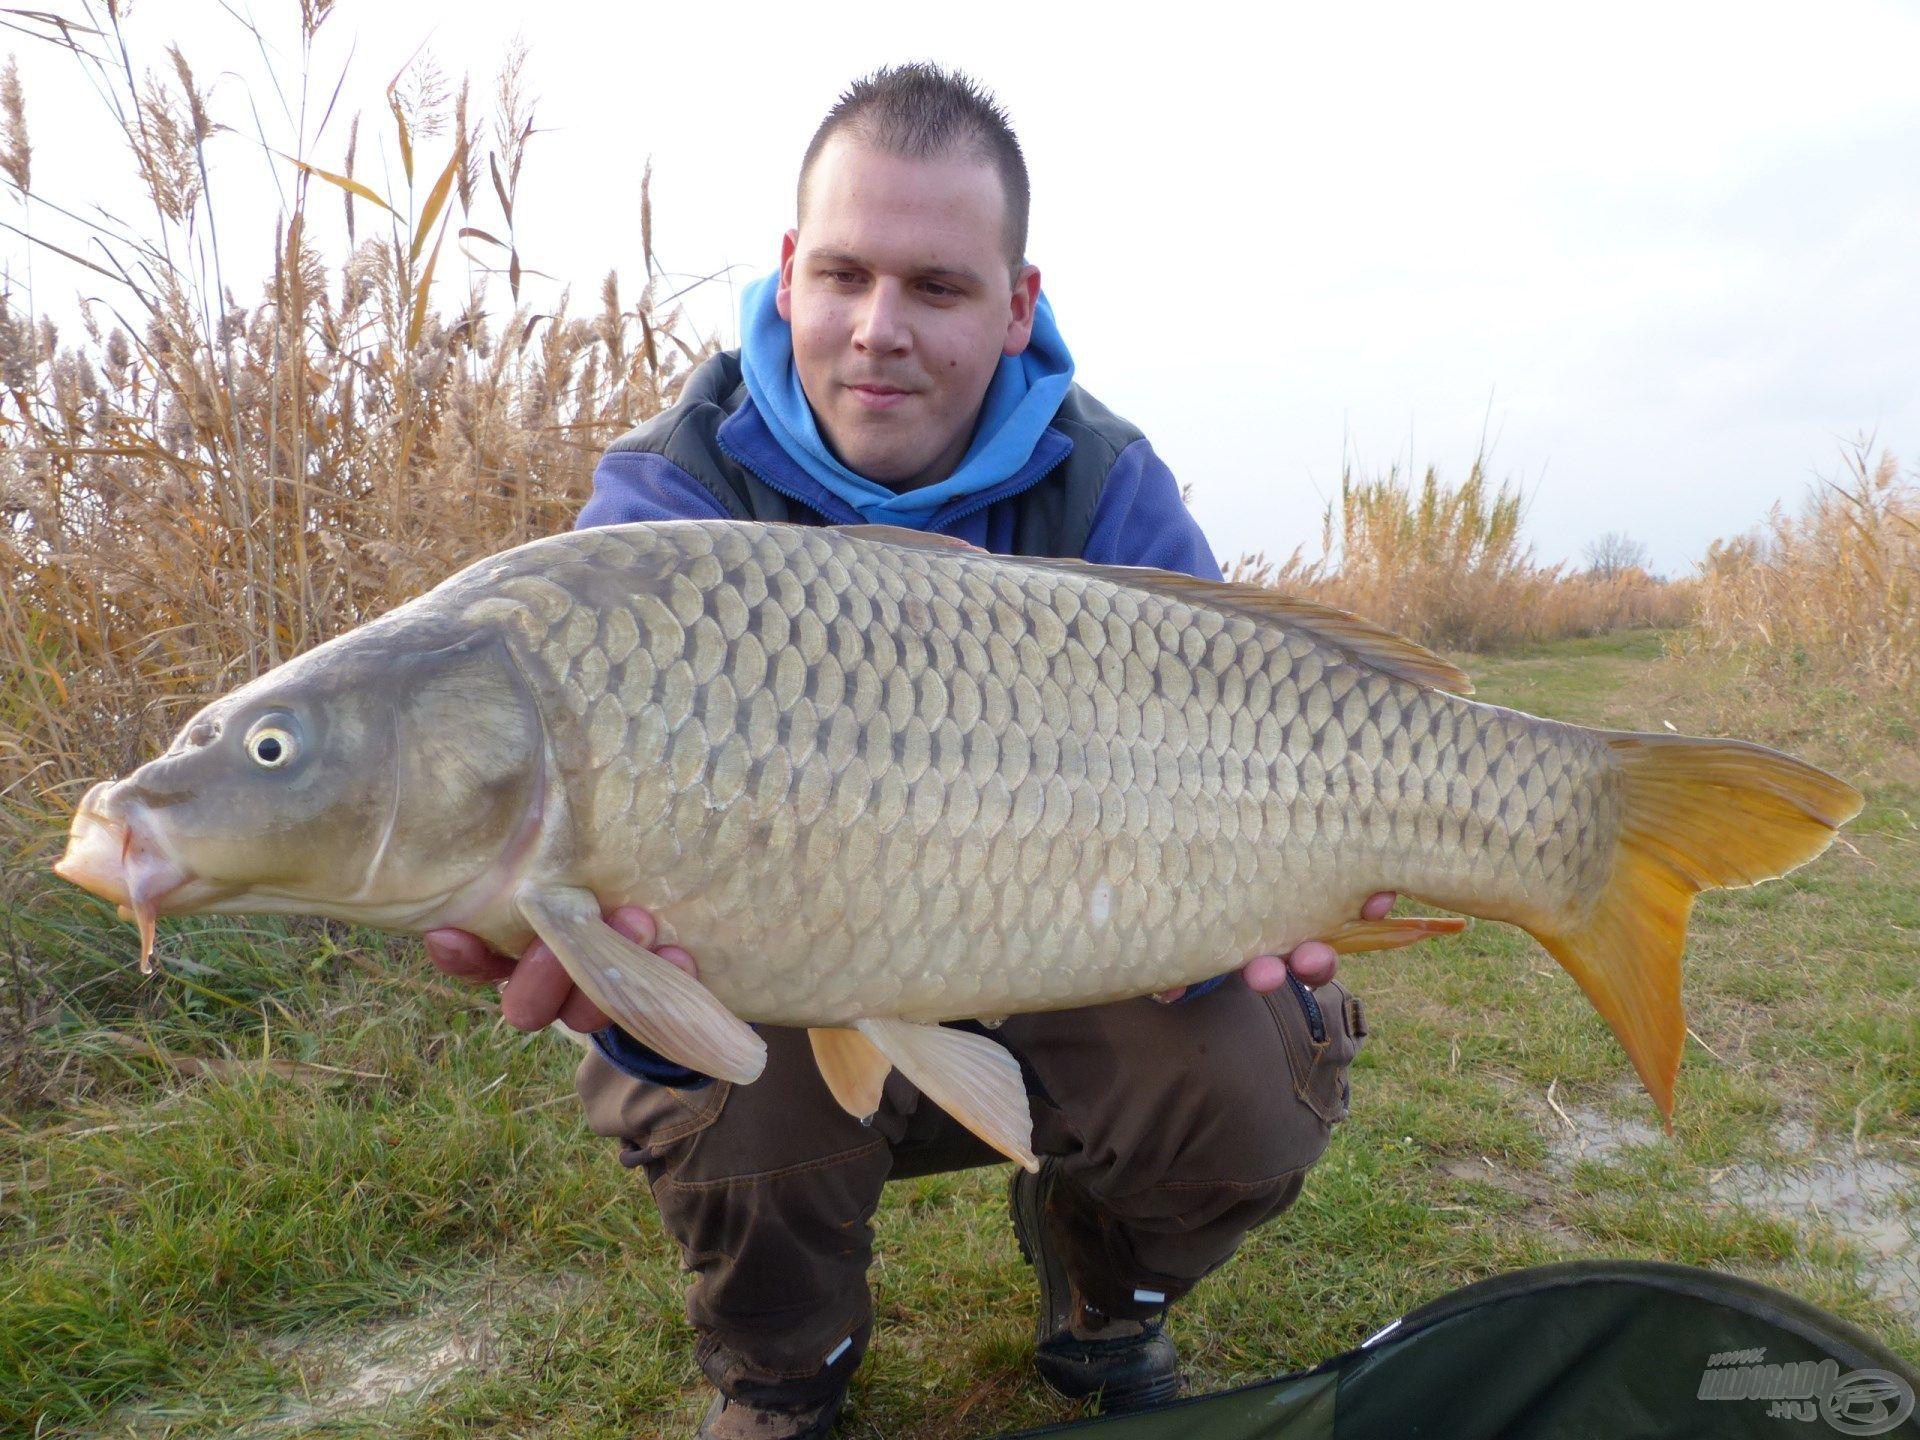 Az újradobást követően hamarosan megérkezett a horgászat utolsó hala is